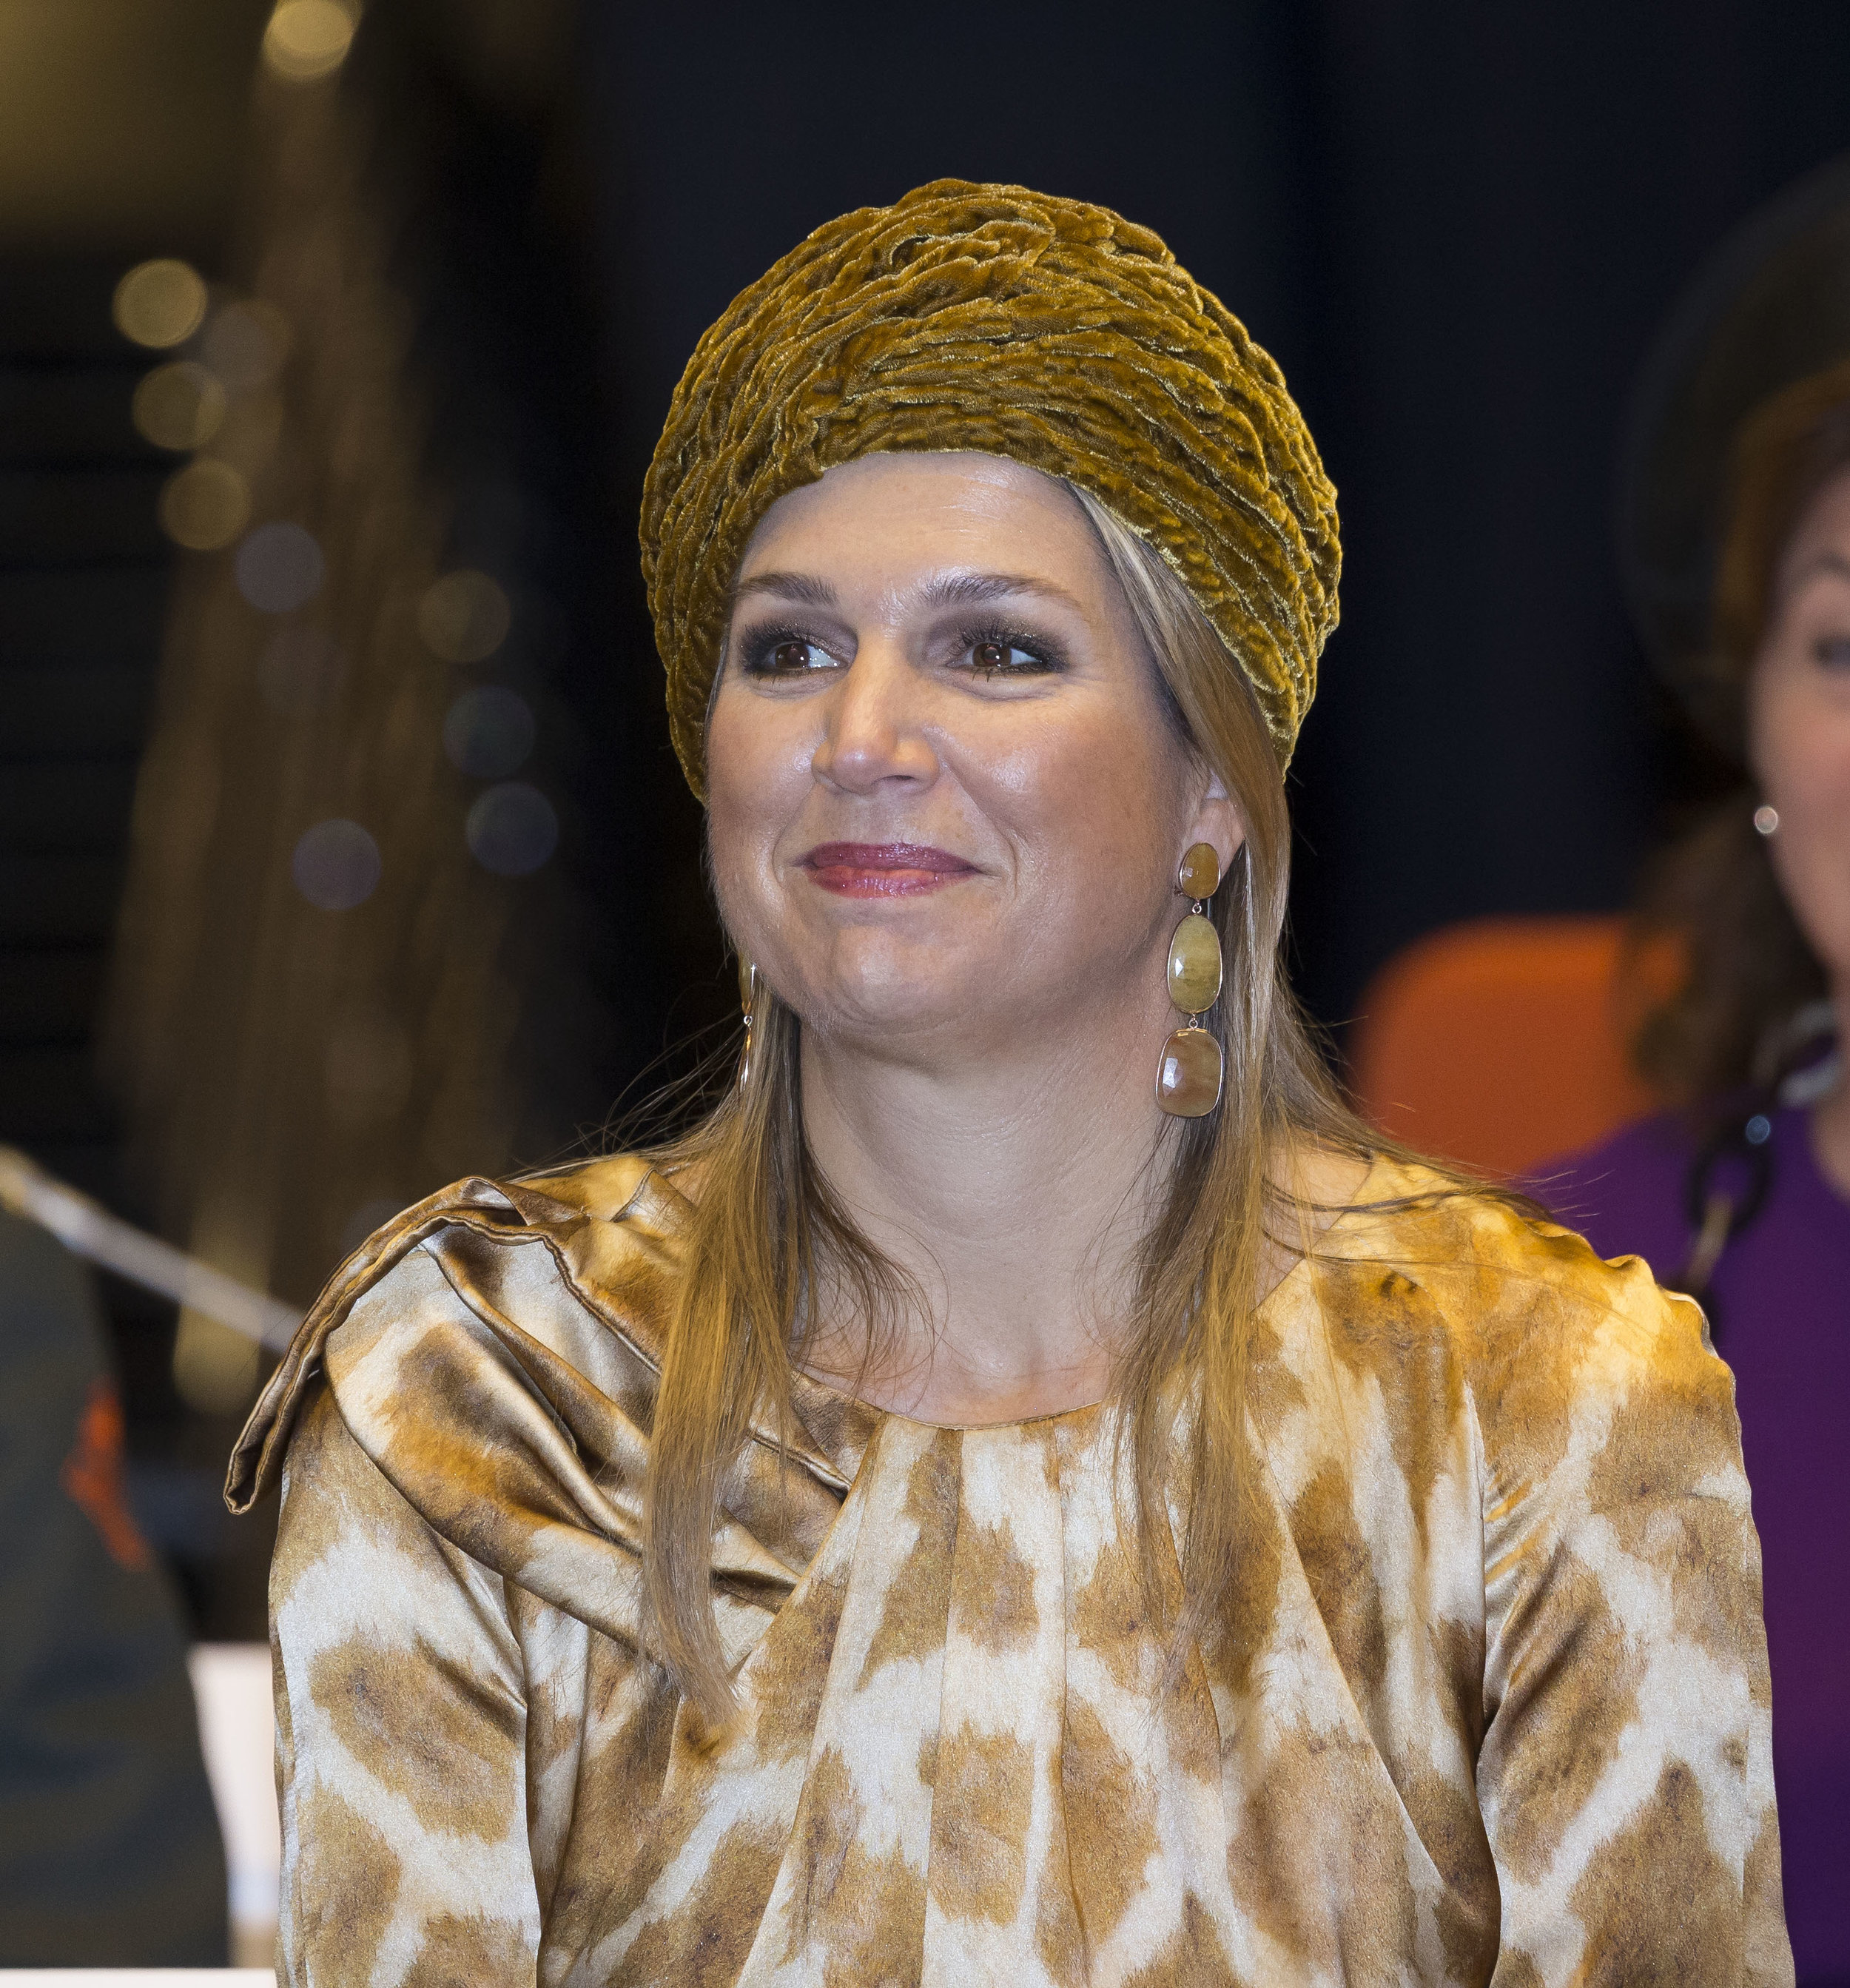 Diesen Zwanzigerjahre Turban hat Königin Maxima schon häufiger getragen  © Getty Images